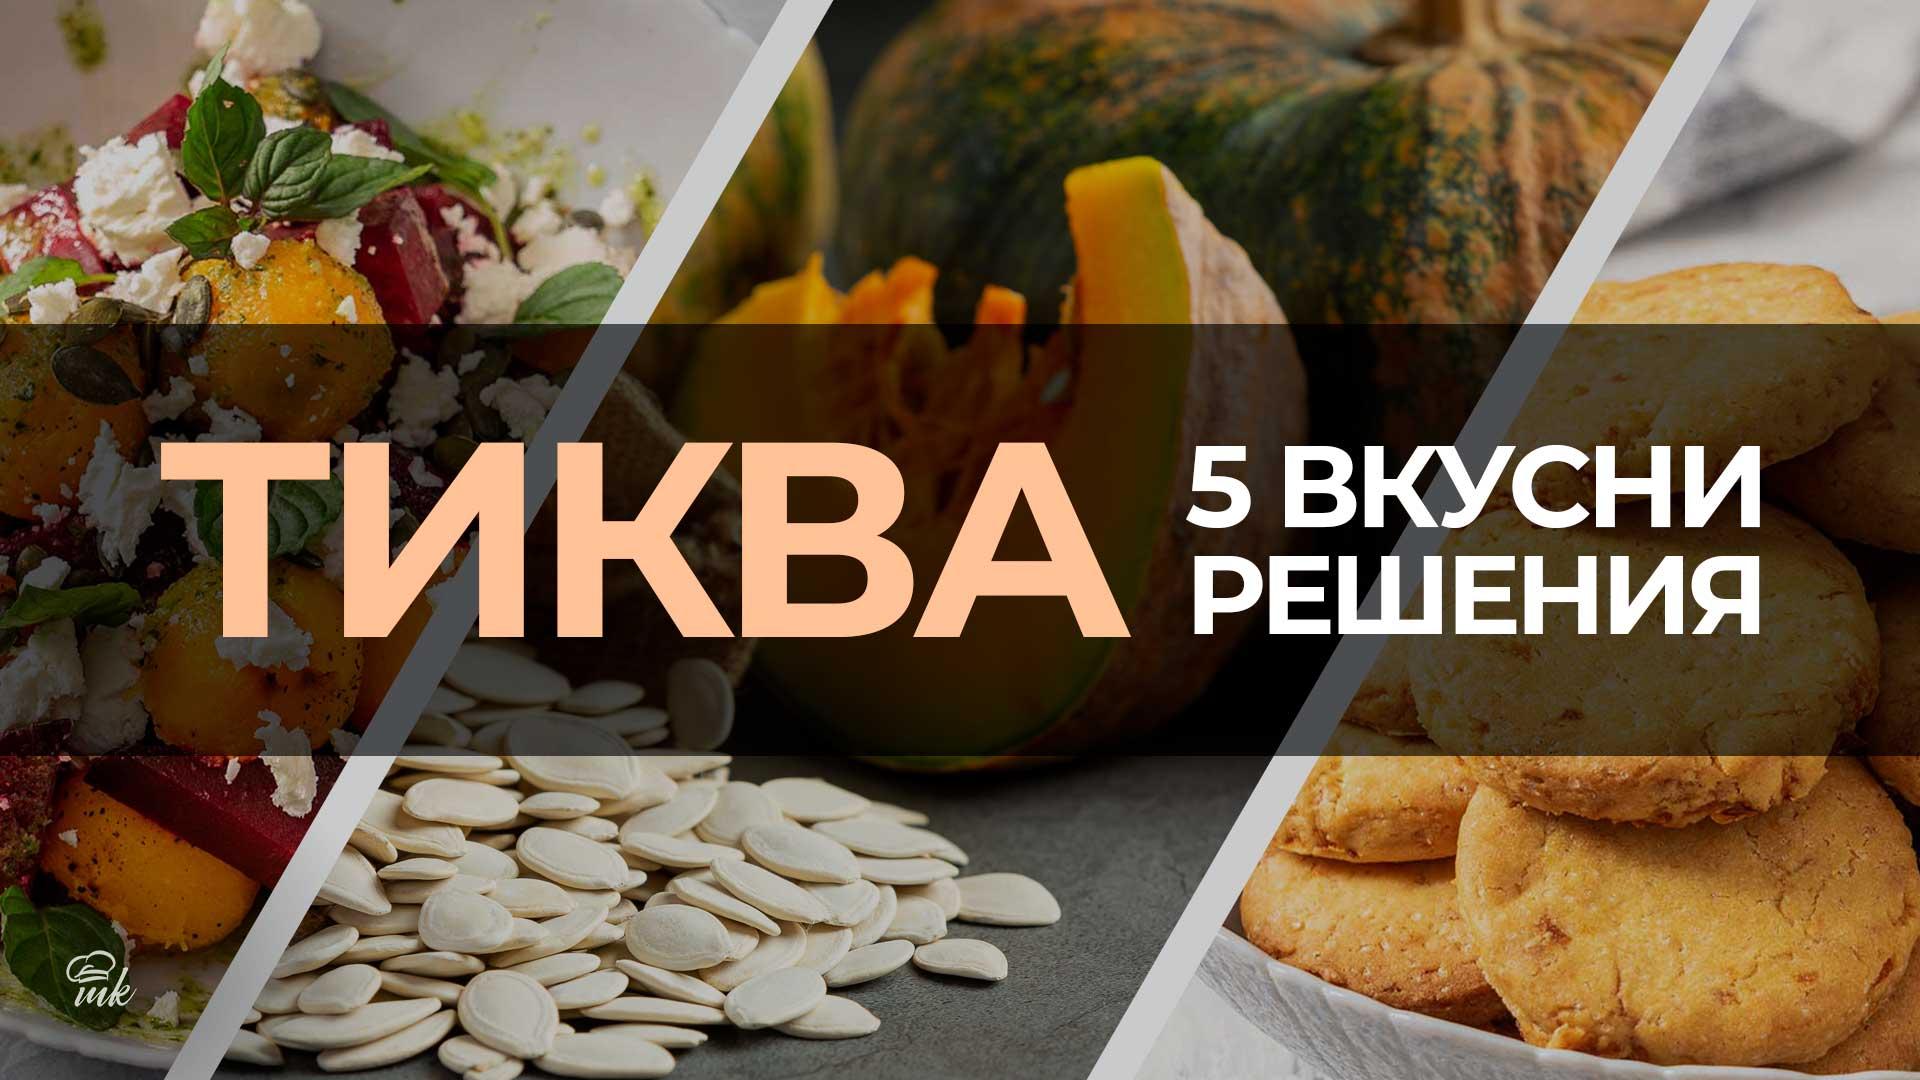 Рекламно изображение за публикация за рецепти с тиква